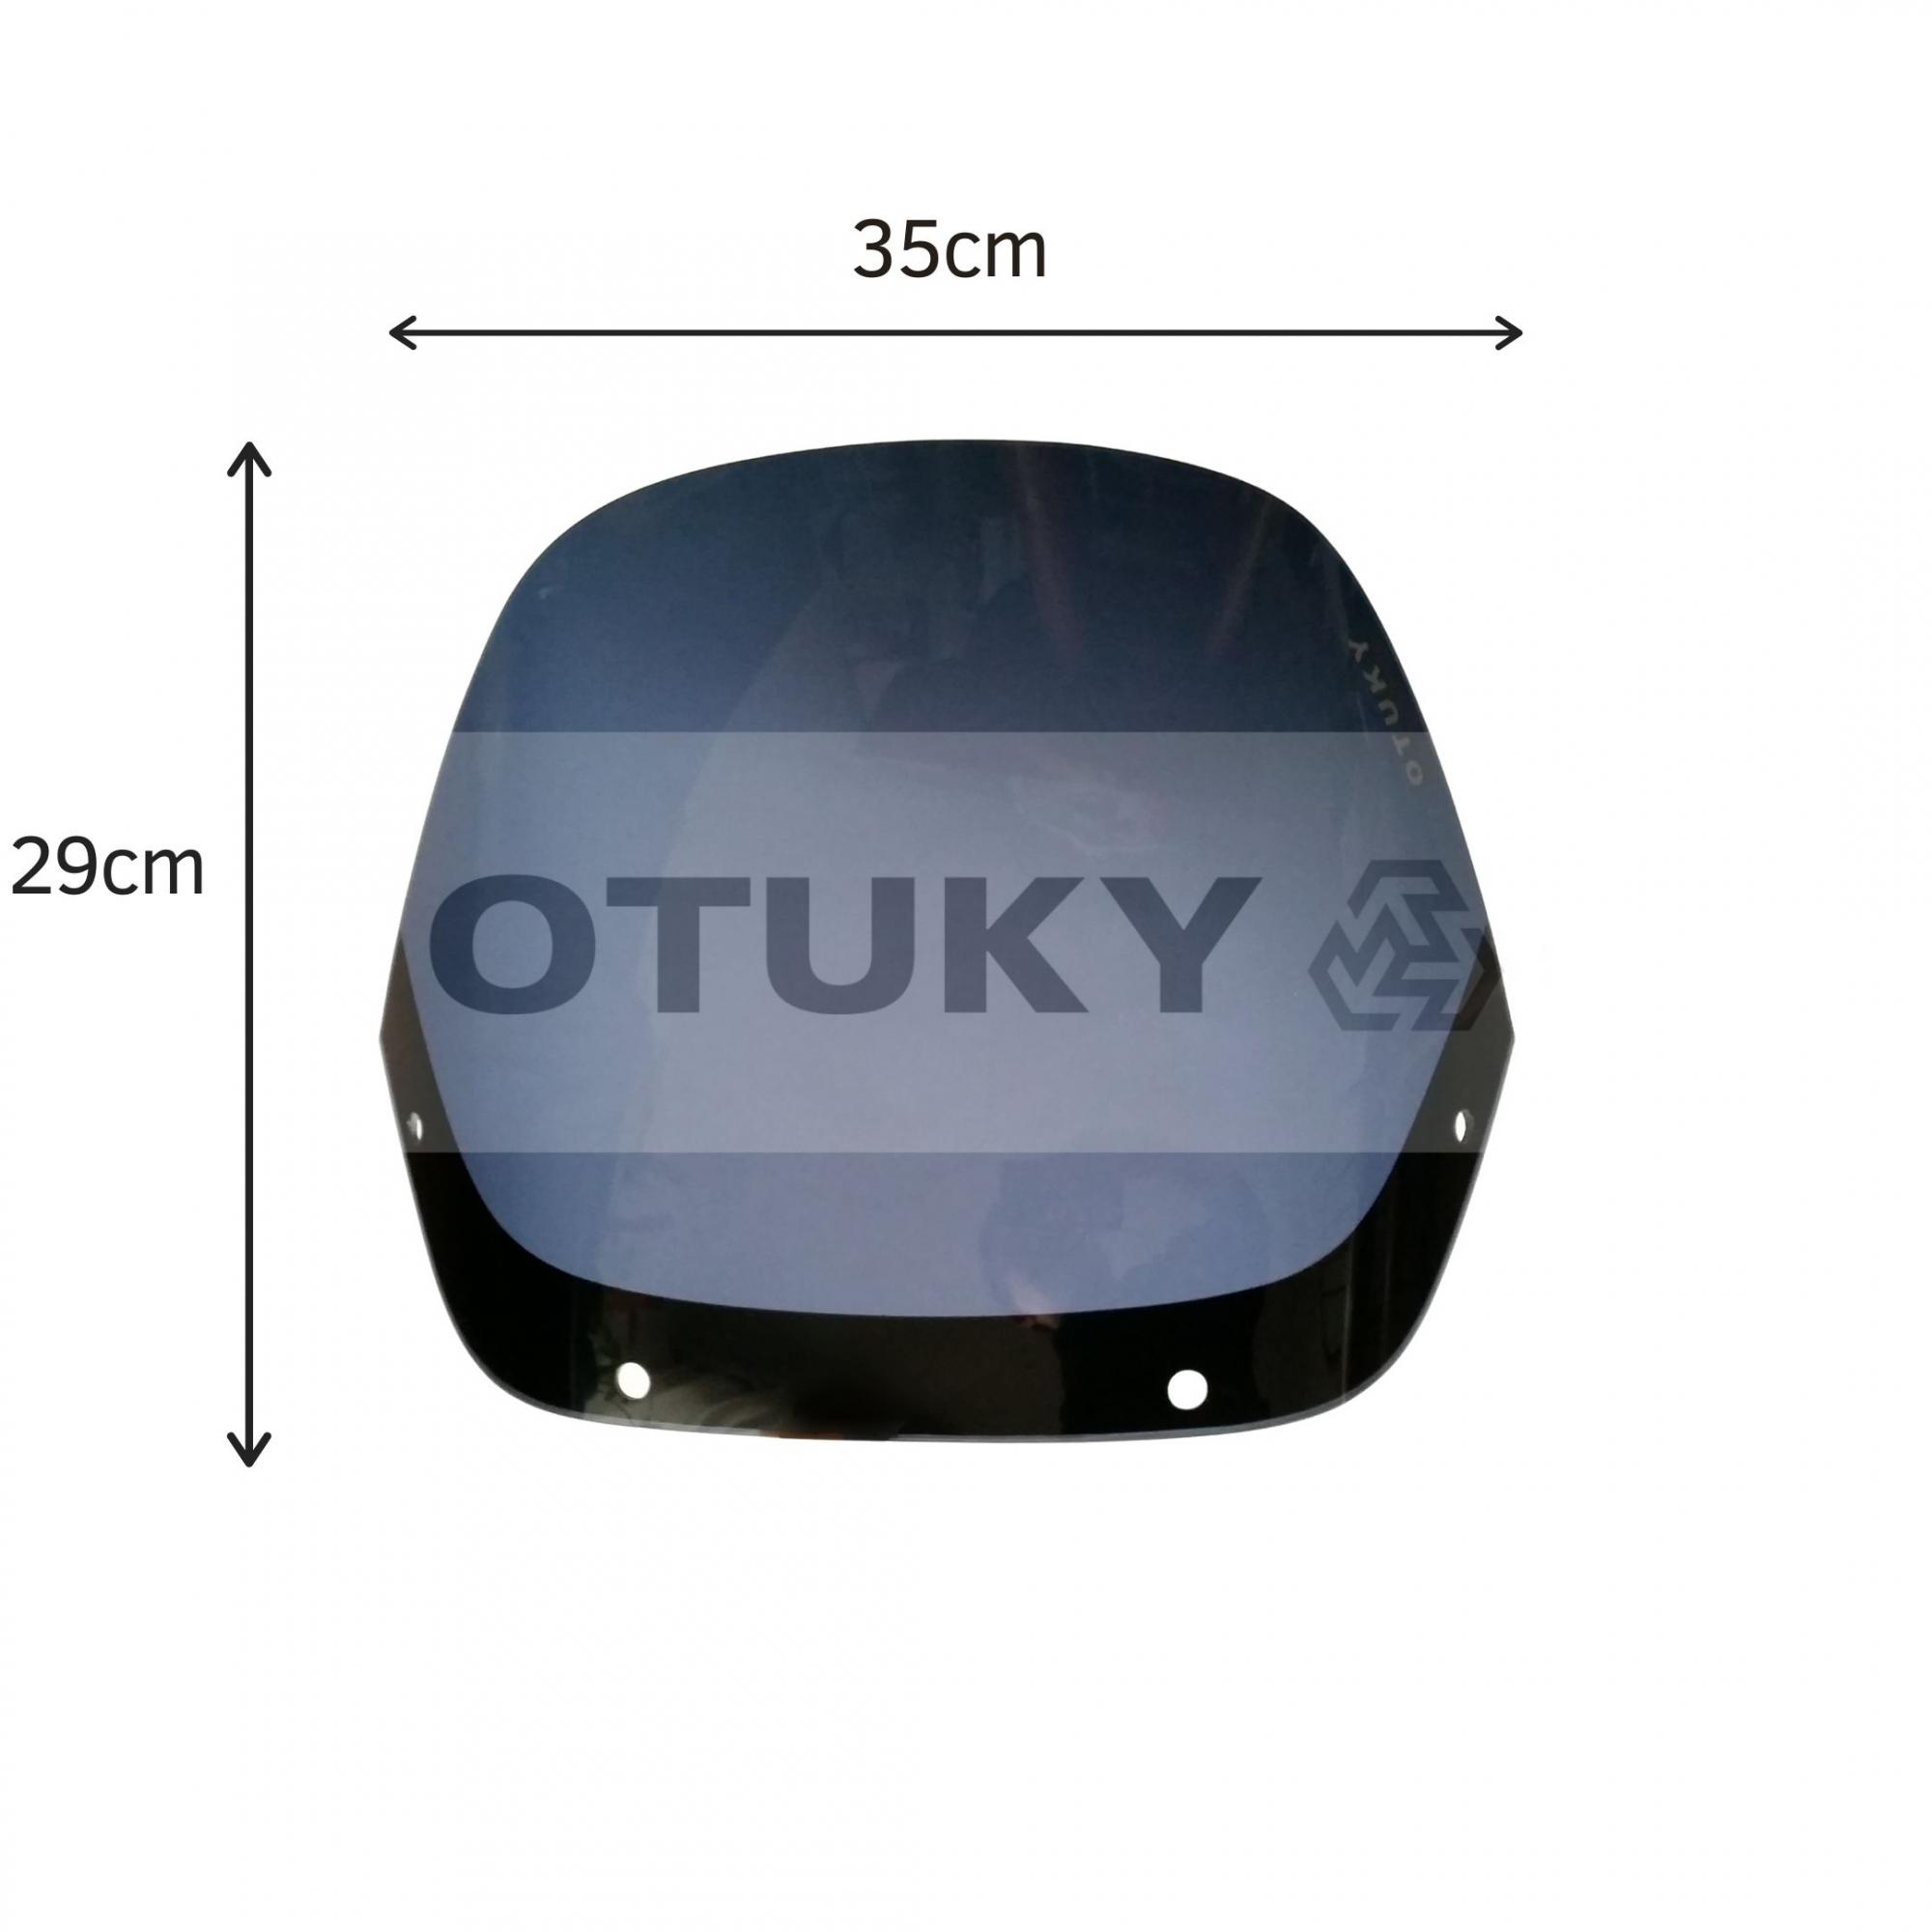 Bolha para Moto NX 350 Sahara Tamanho Padrão Otuky Fumê Escuro